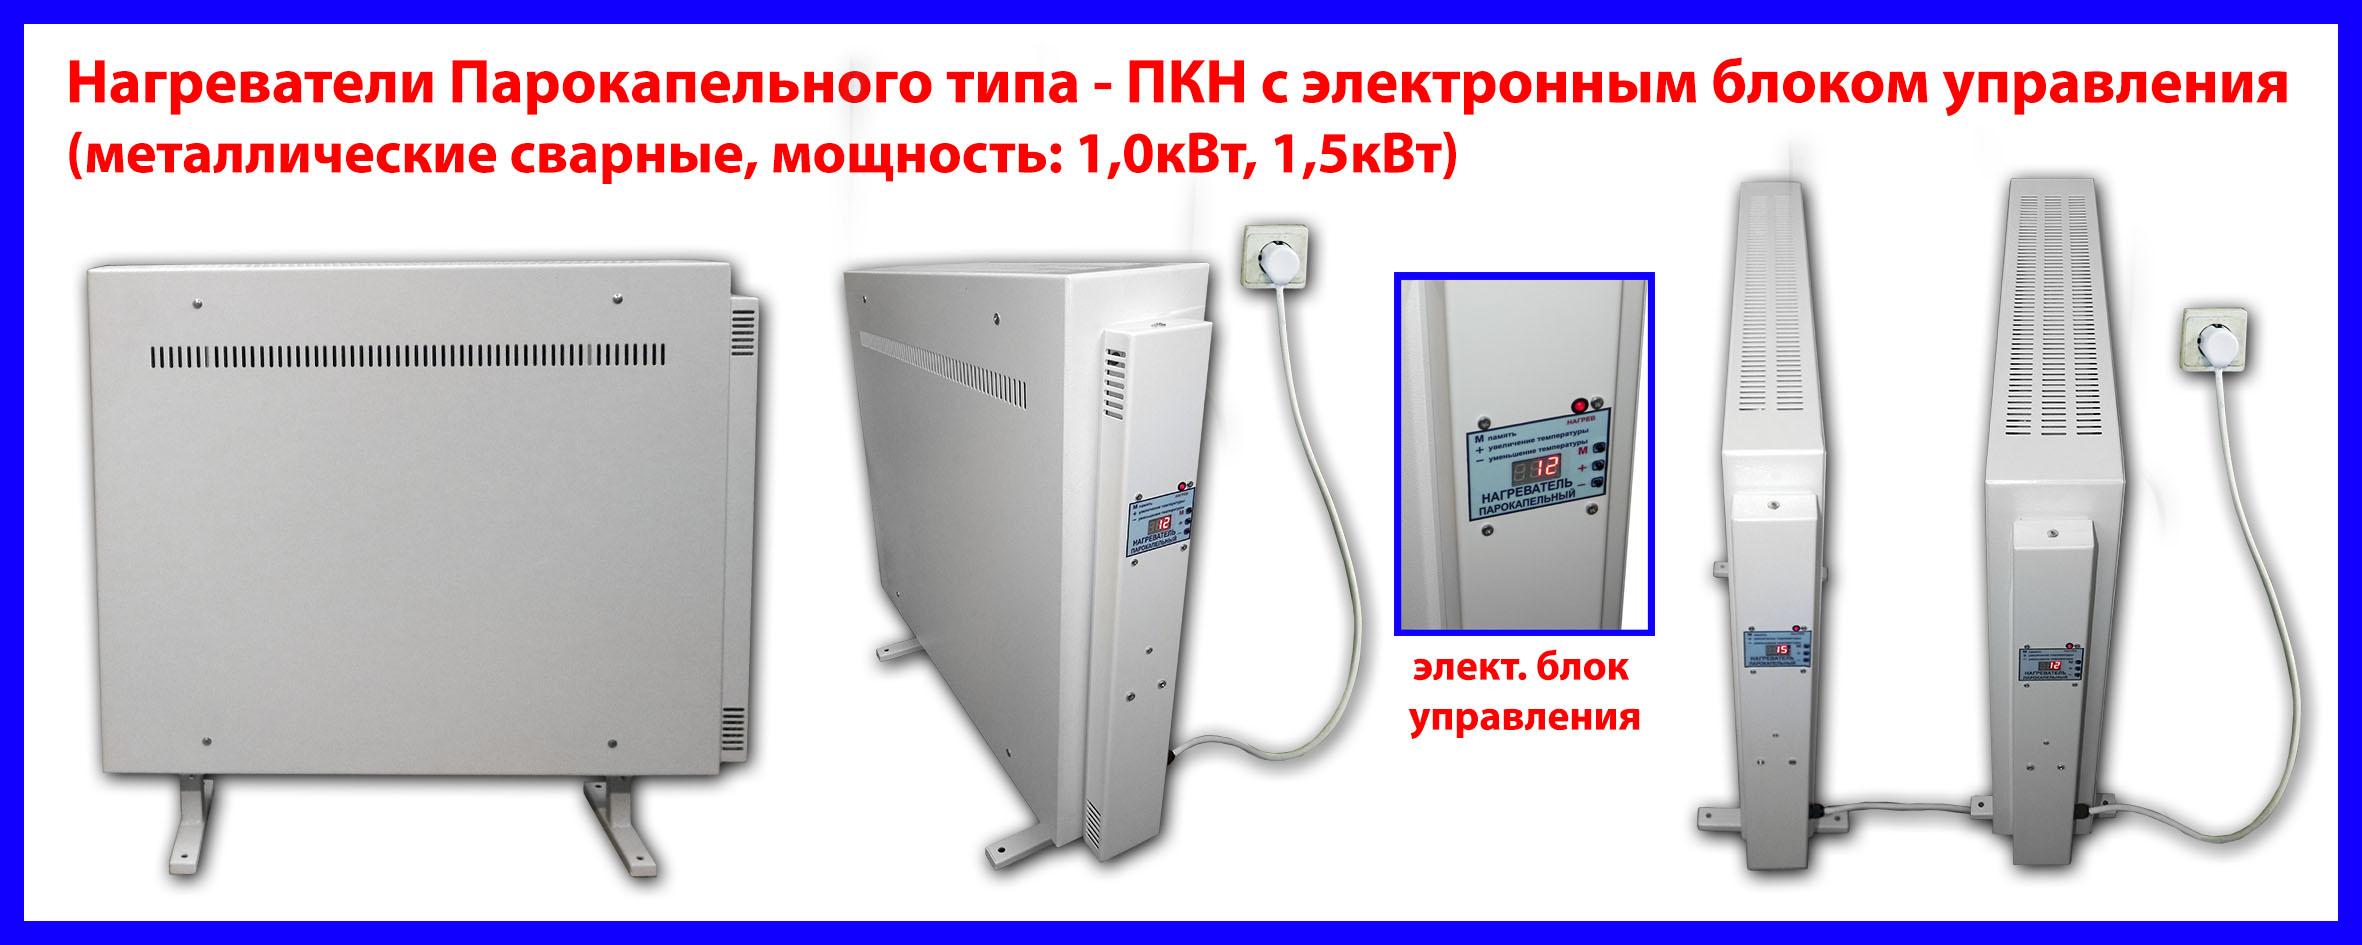 Парокапельная система отопления своими руками 96